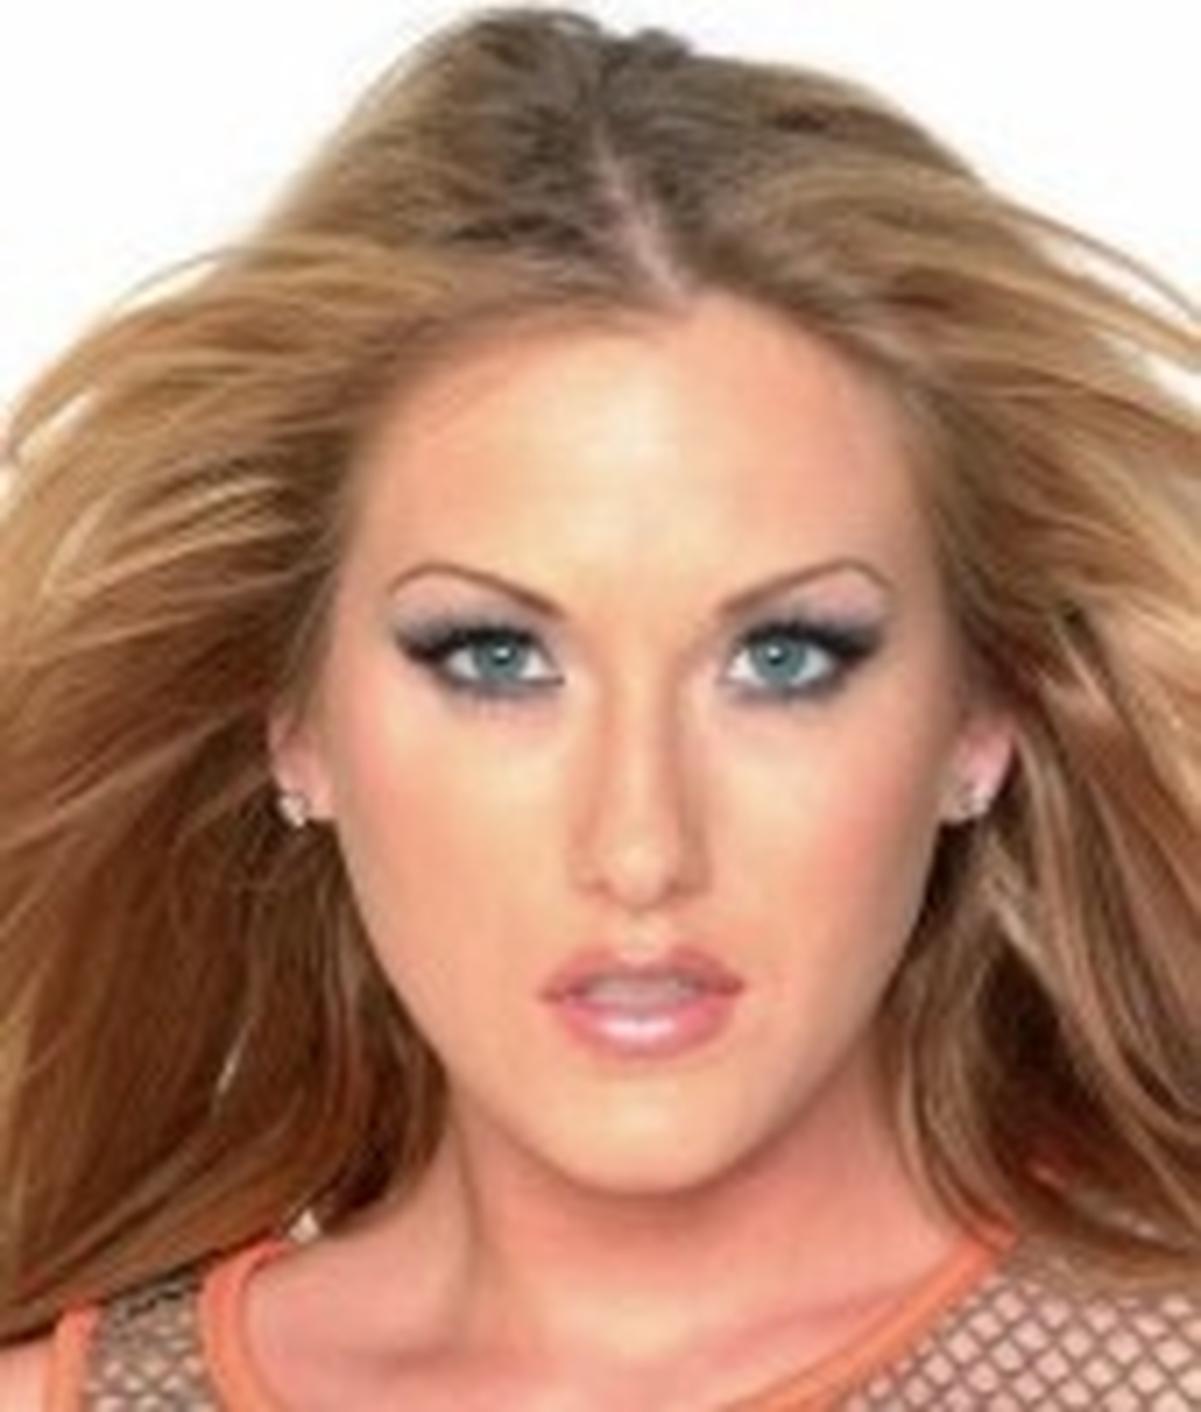 Mckayla mathews pornstar that interrupt